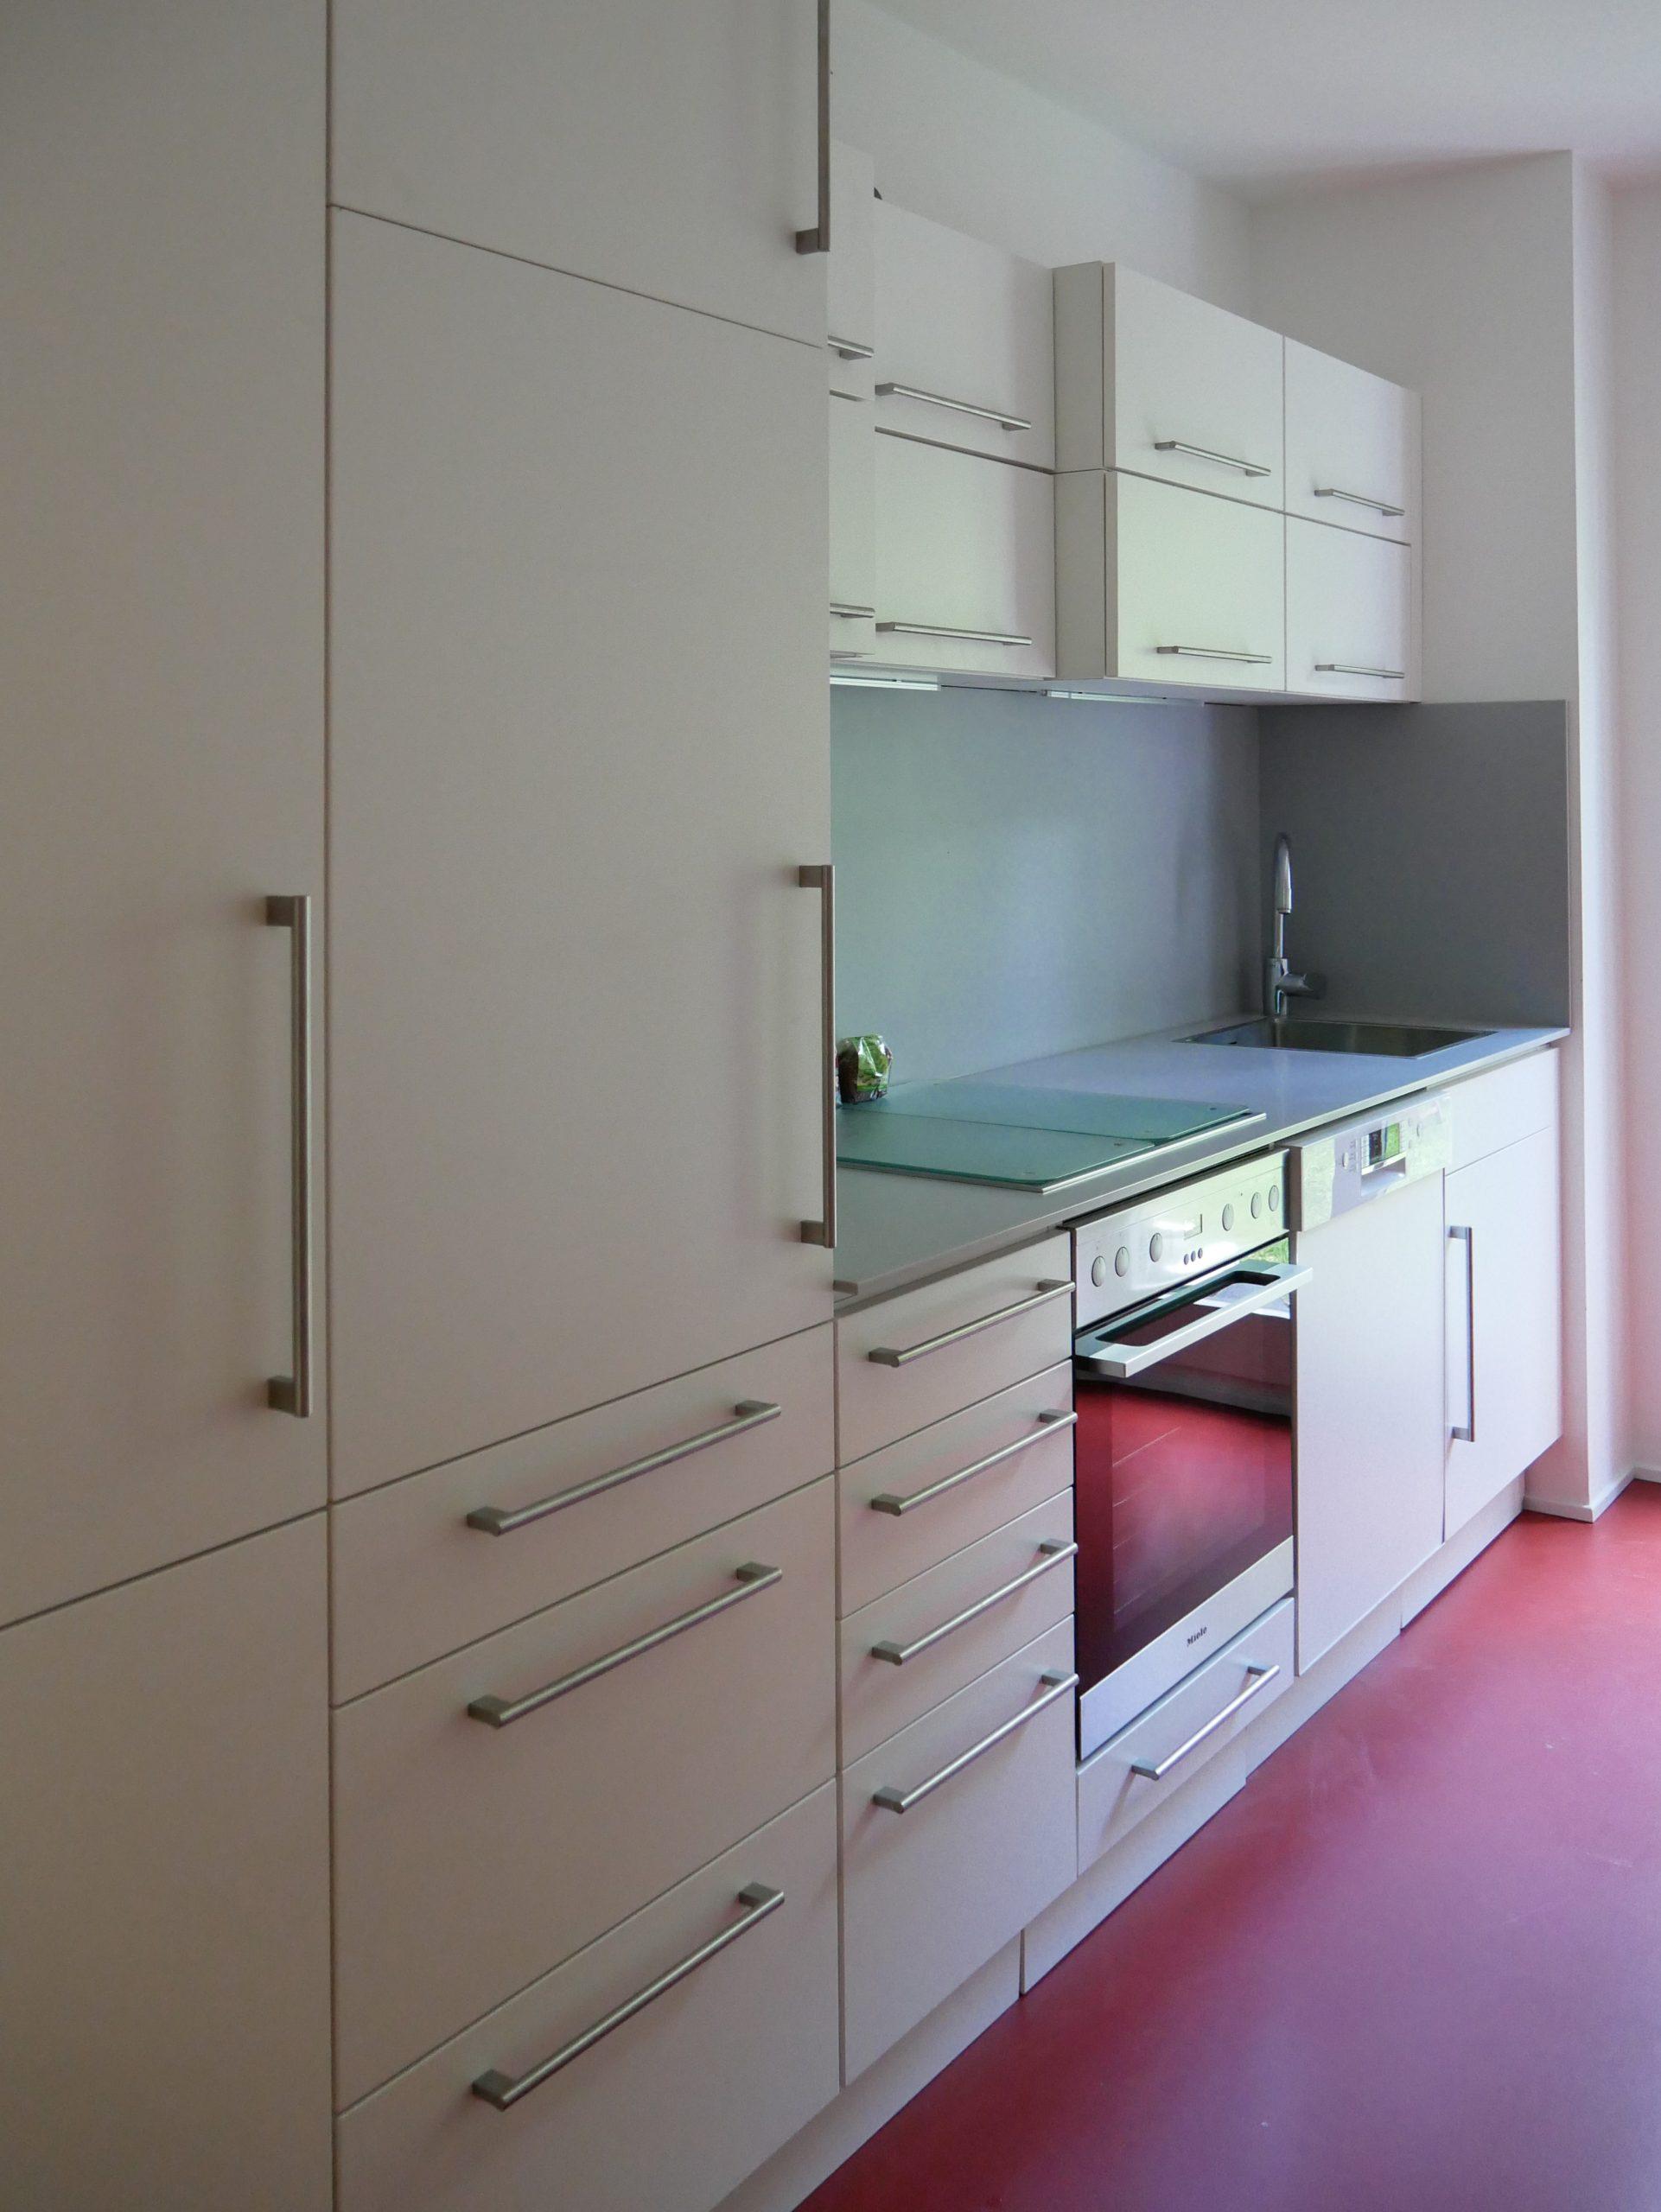 Küche mit neuen Fronten und rotem Boden